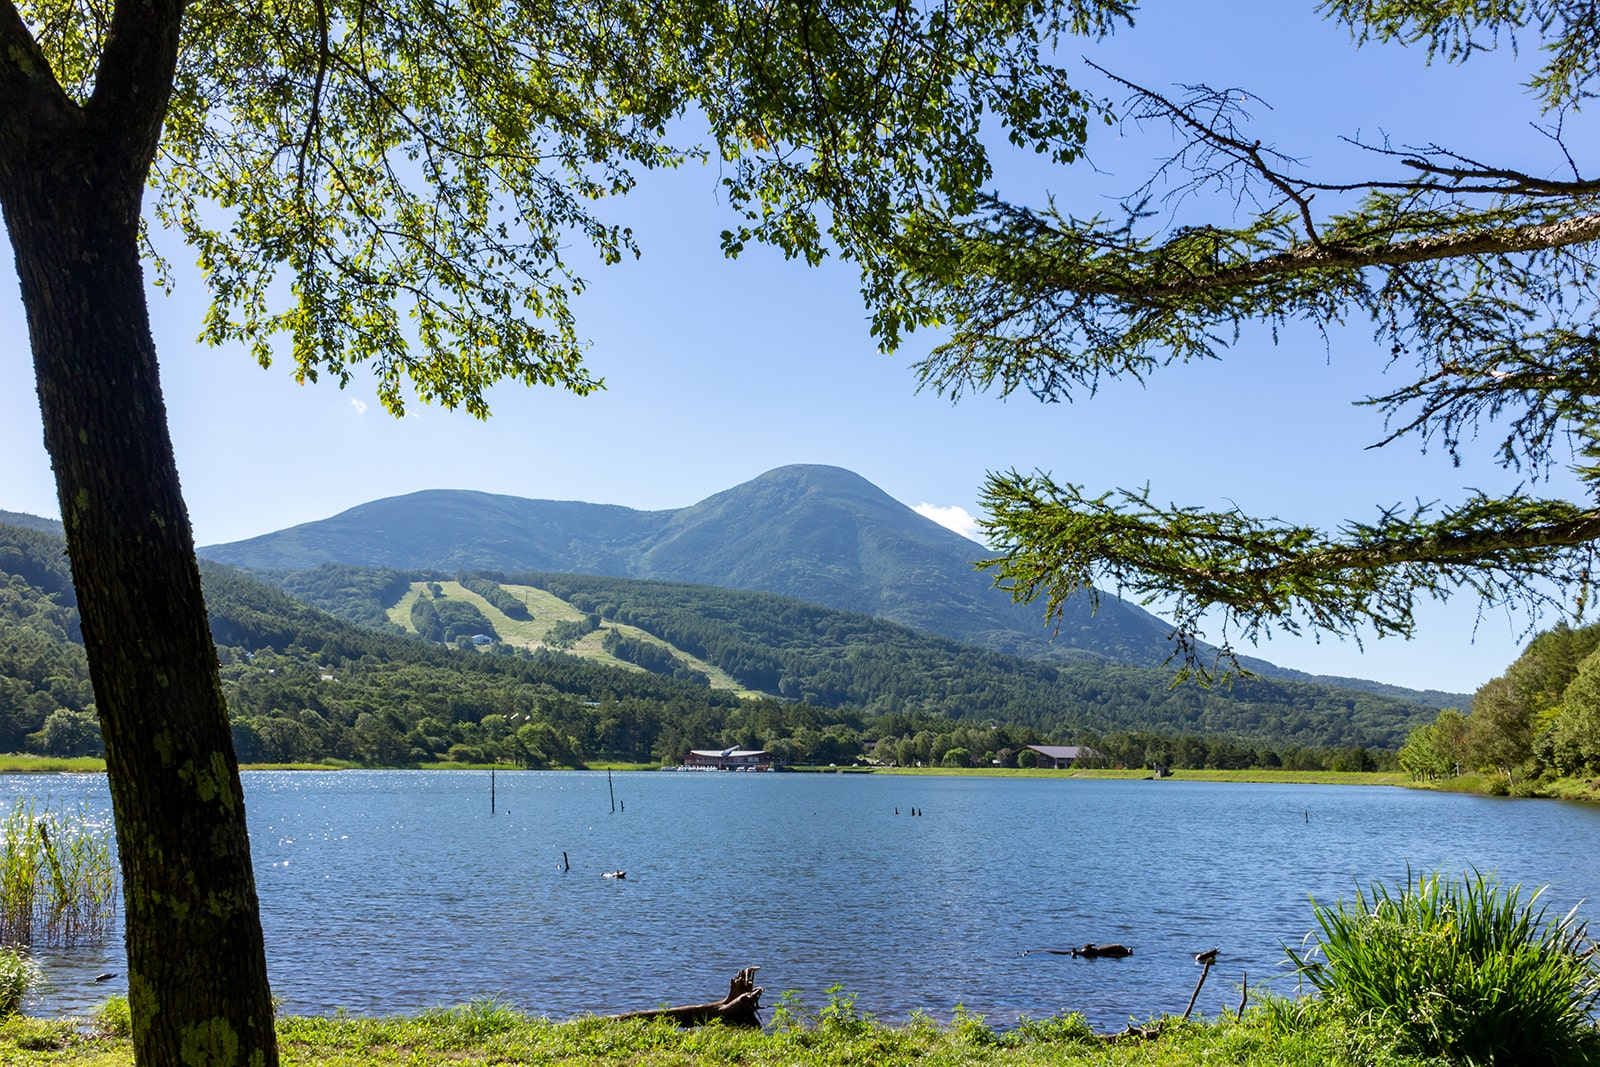 白樺高原にあるふたつの湖のひとつ、女神湖